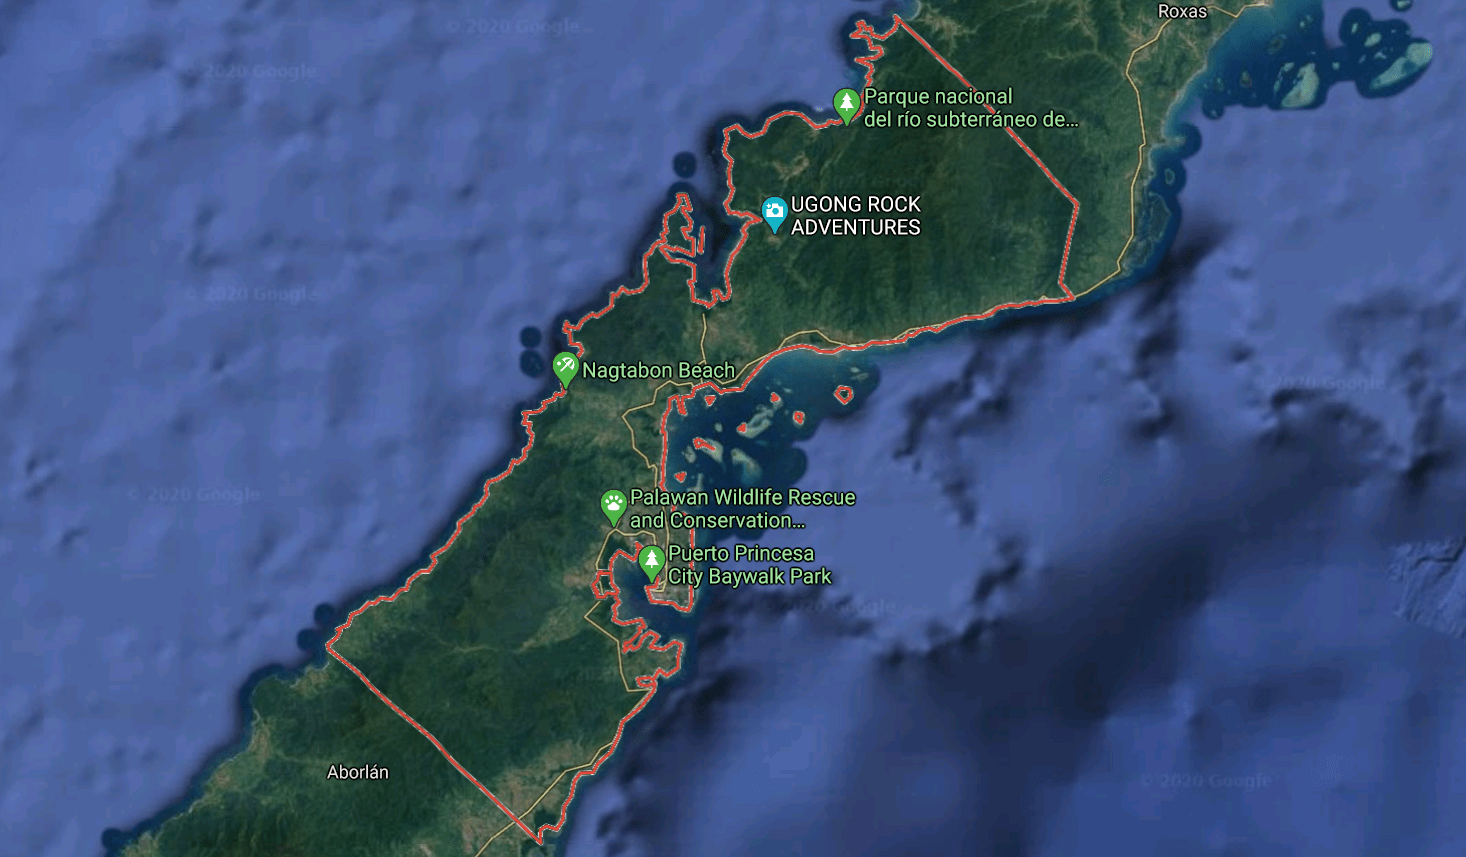 Mapa turístico de Puerto Princesa